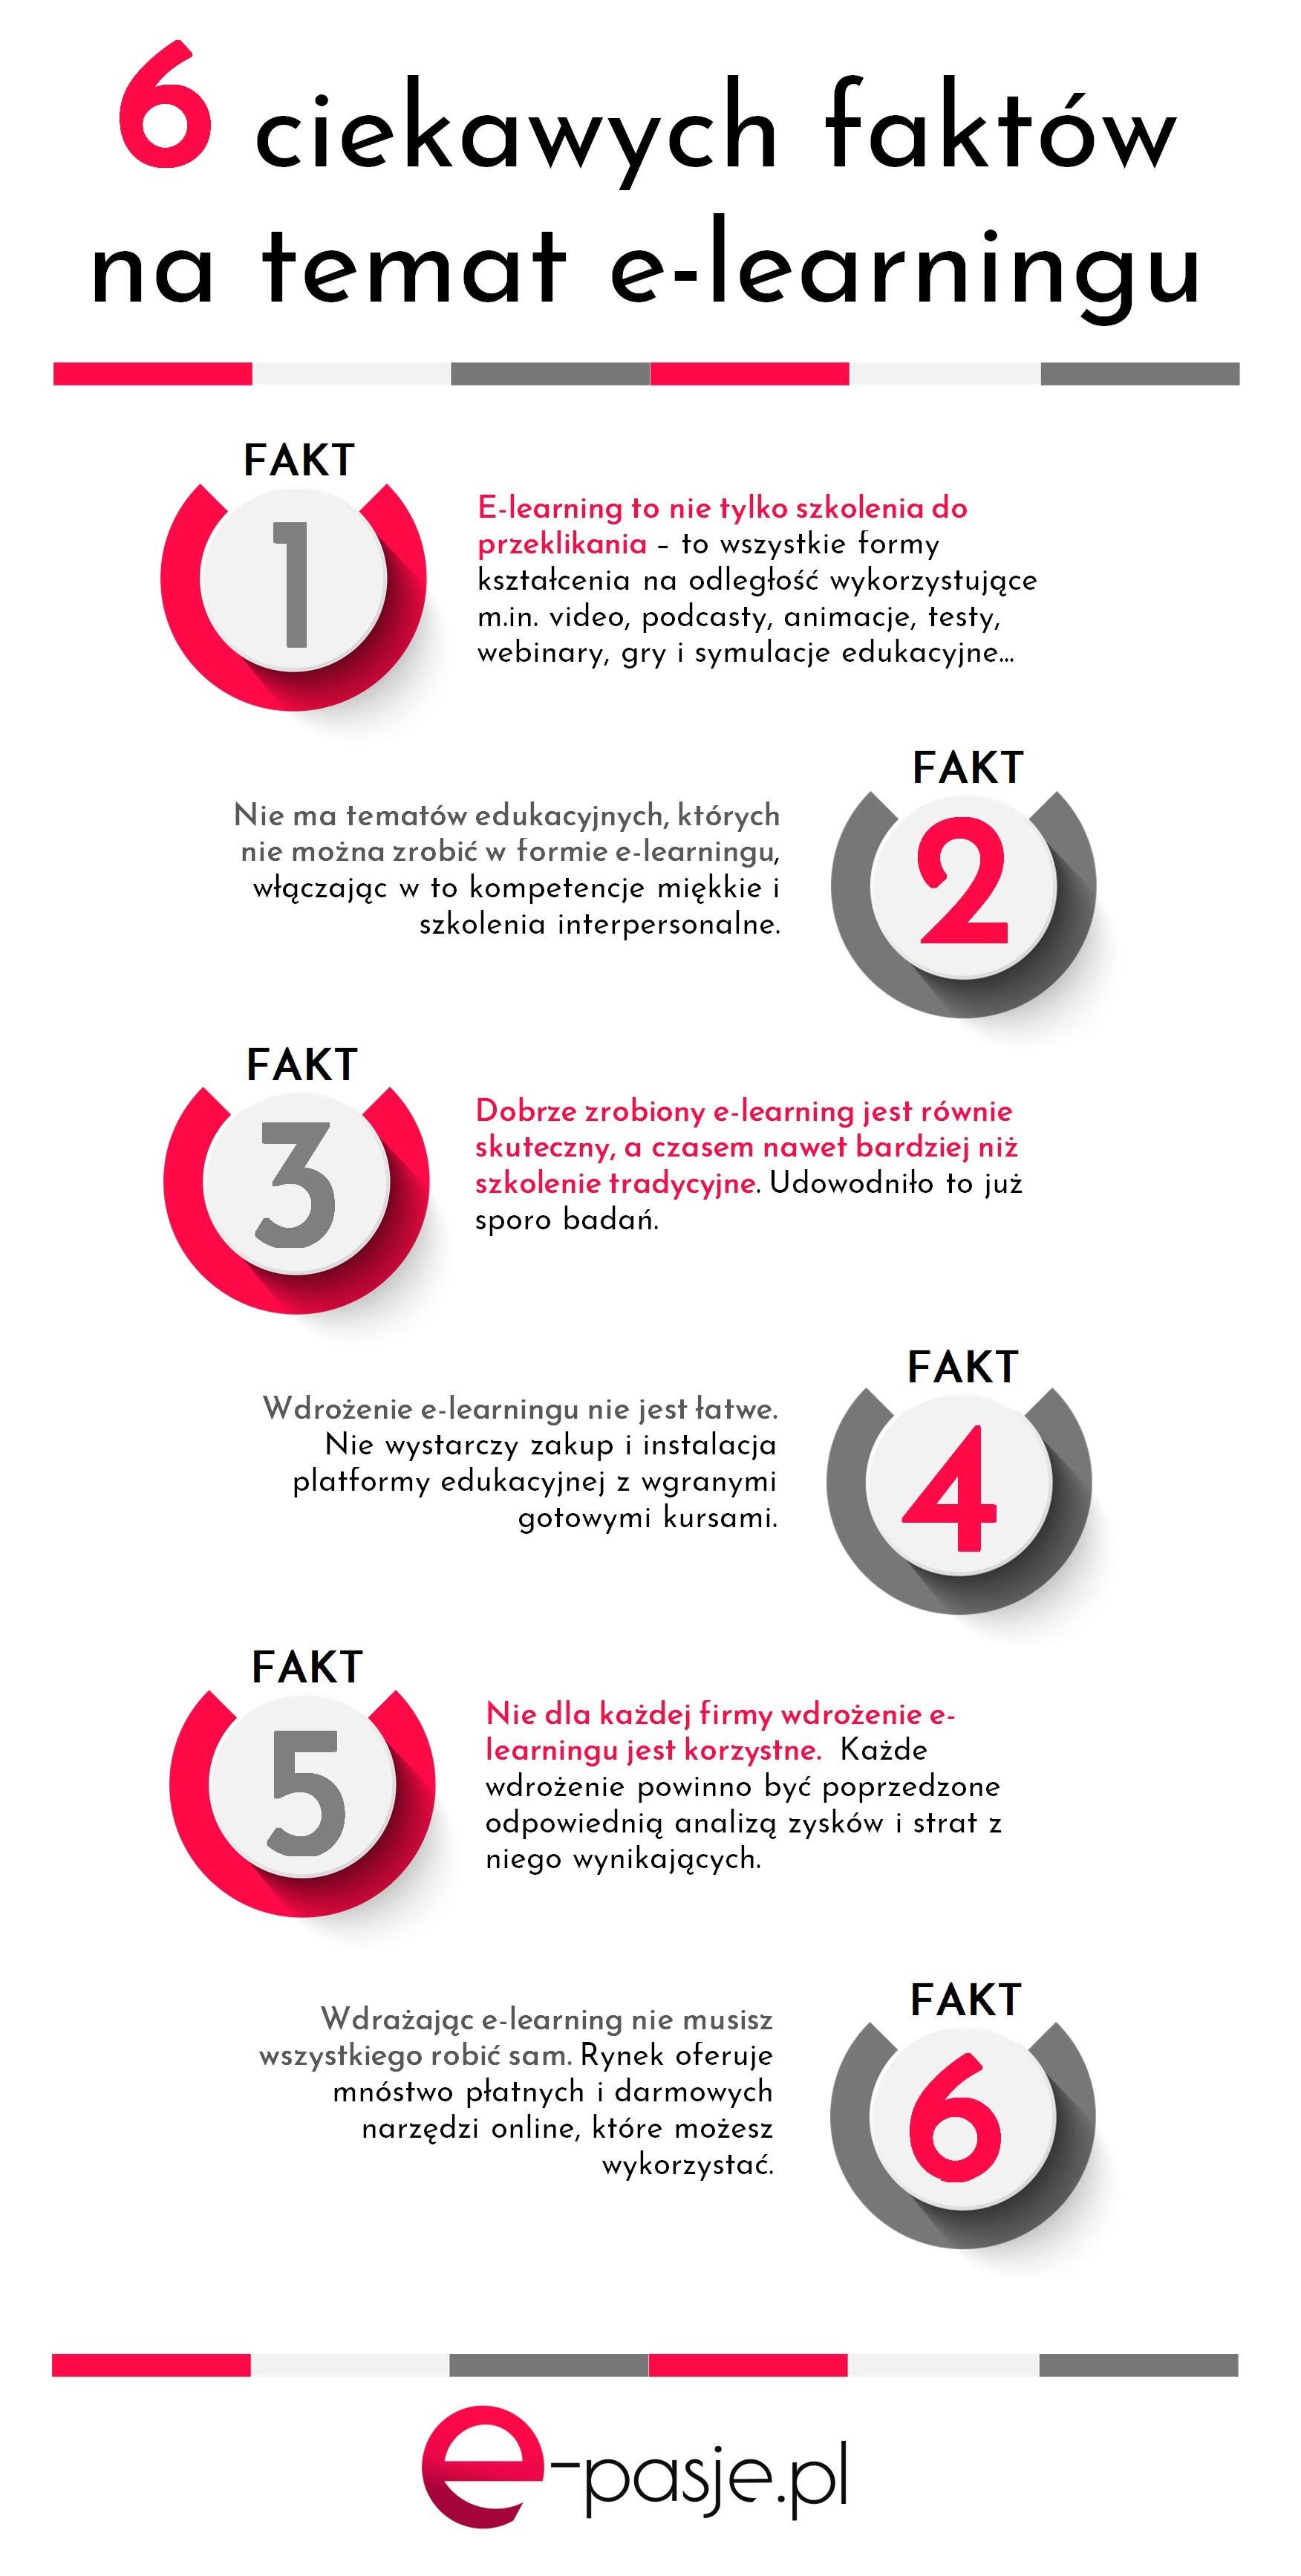 Zastosowanie e-learningu - 6 faktów